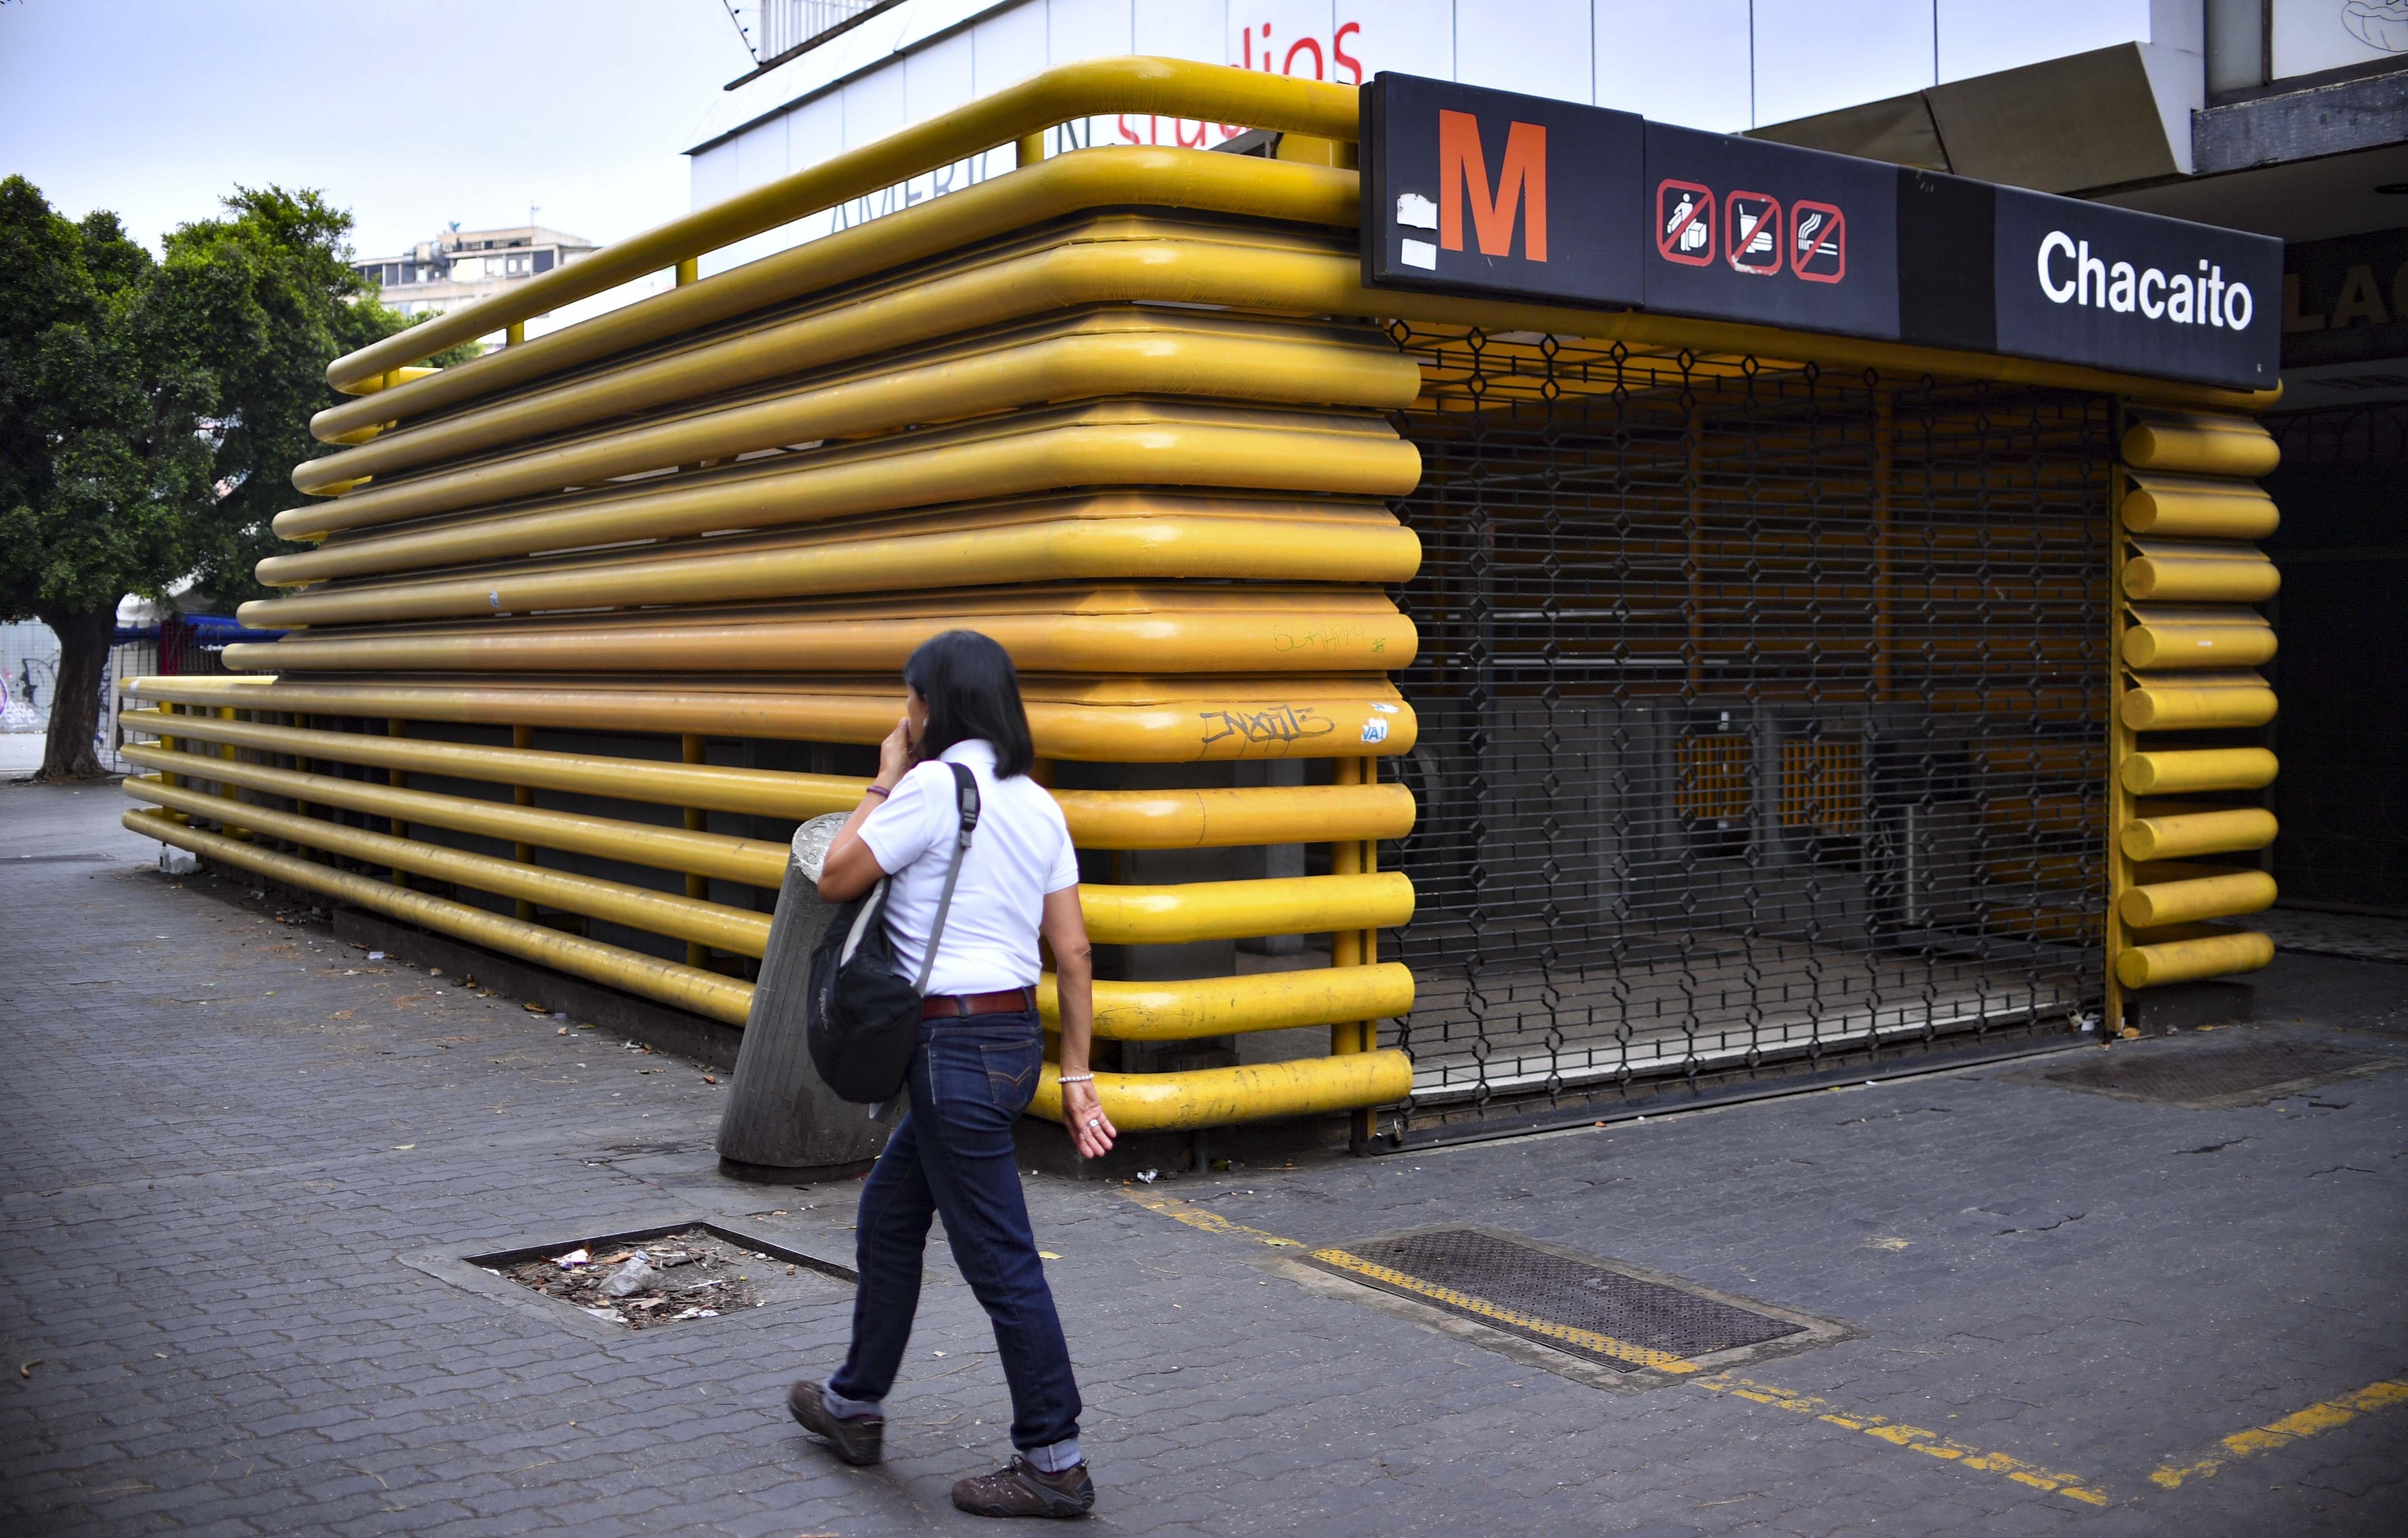 Metro de Caracas no presta servicio en la Línea 1 tras falla eléctrica #23Ago